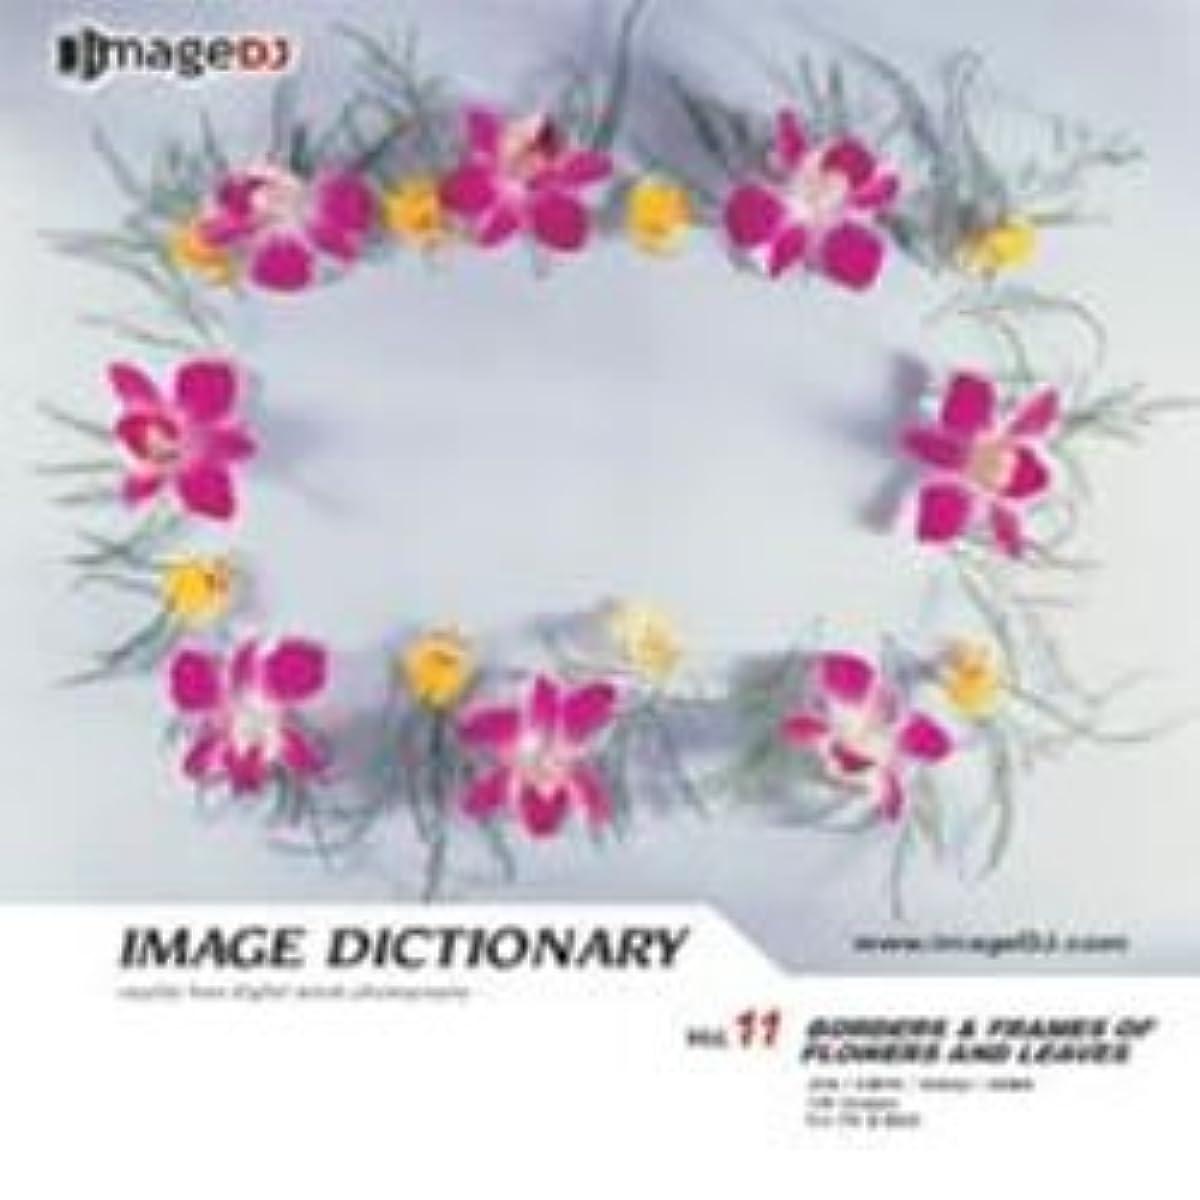 男らしさマラソン柔和イメージ ディクショナリー Vol.11 花飾り